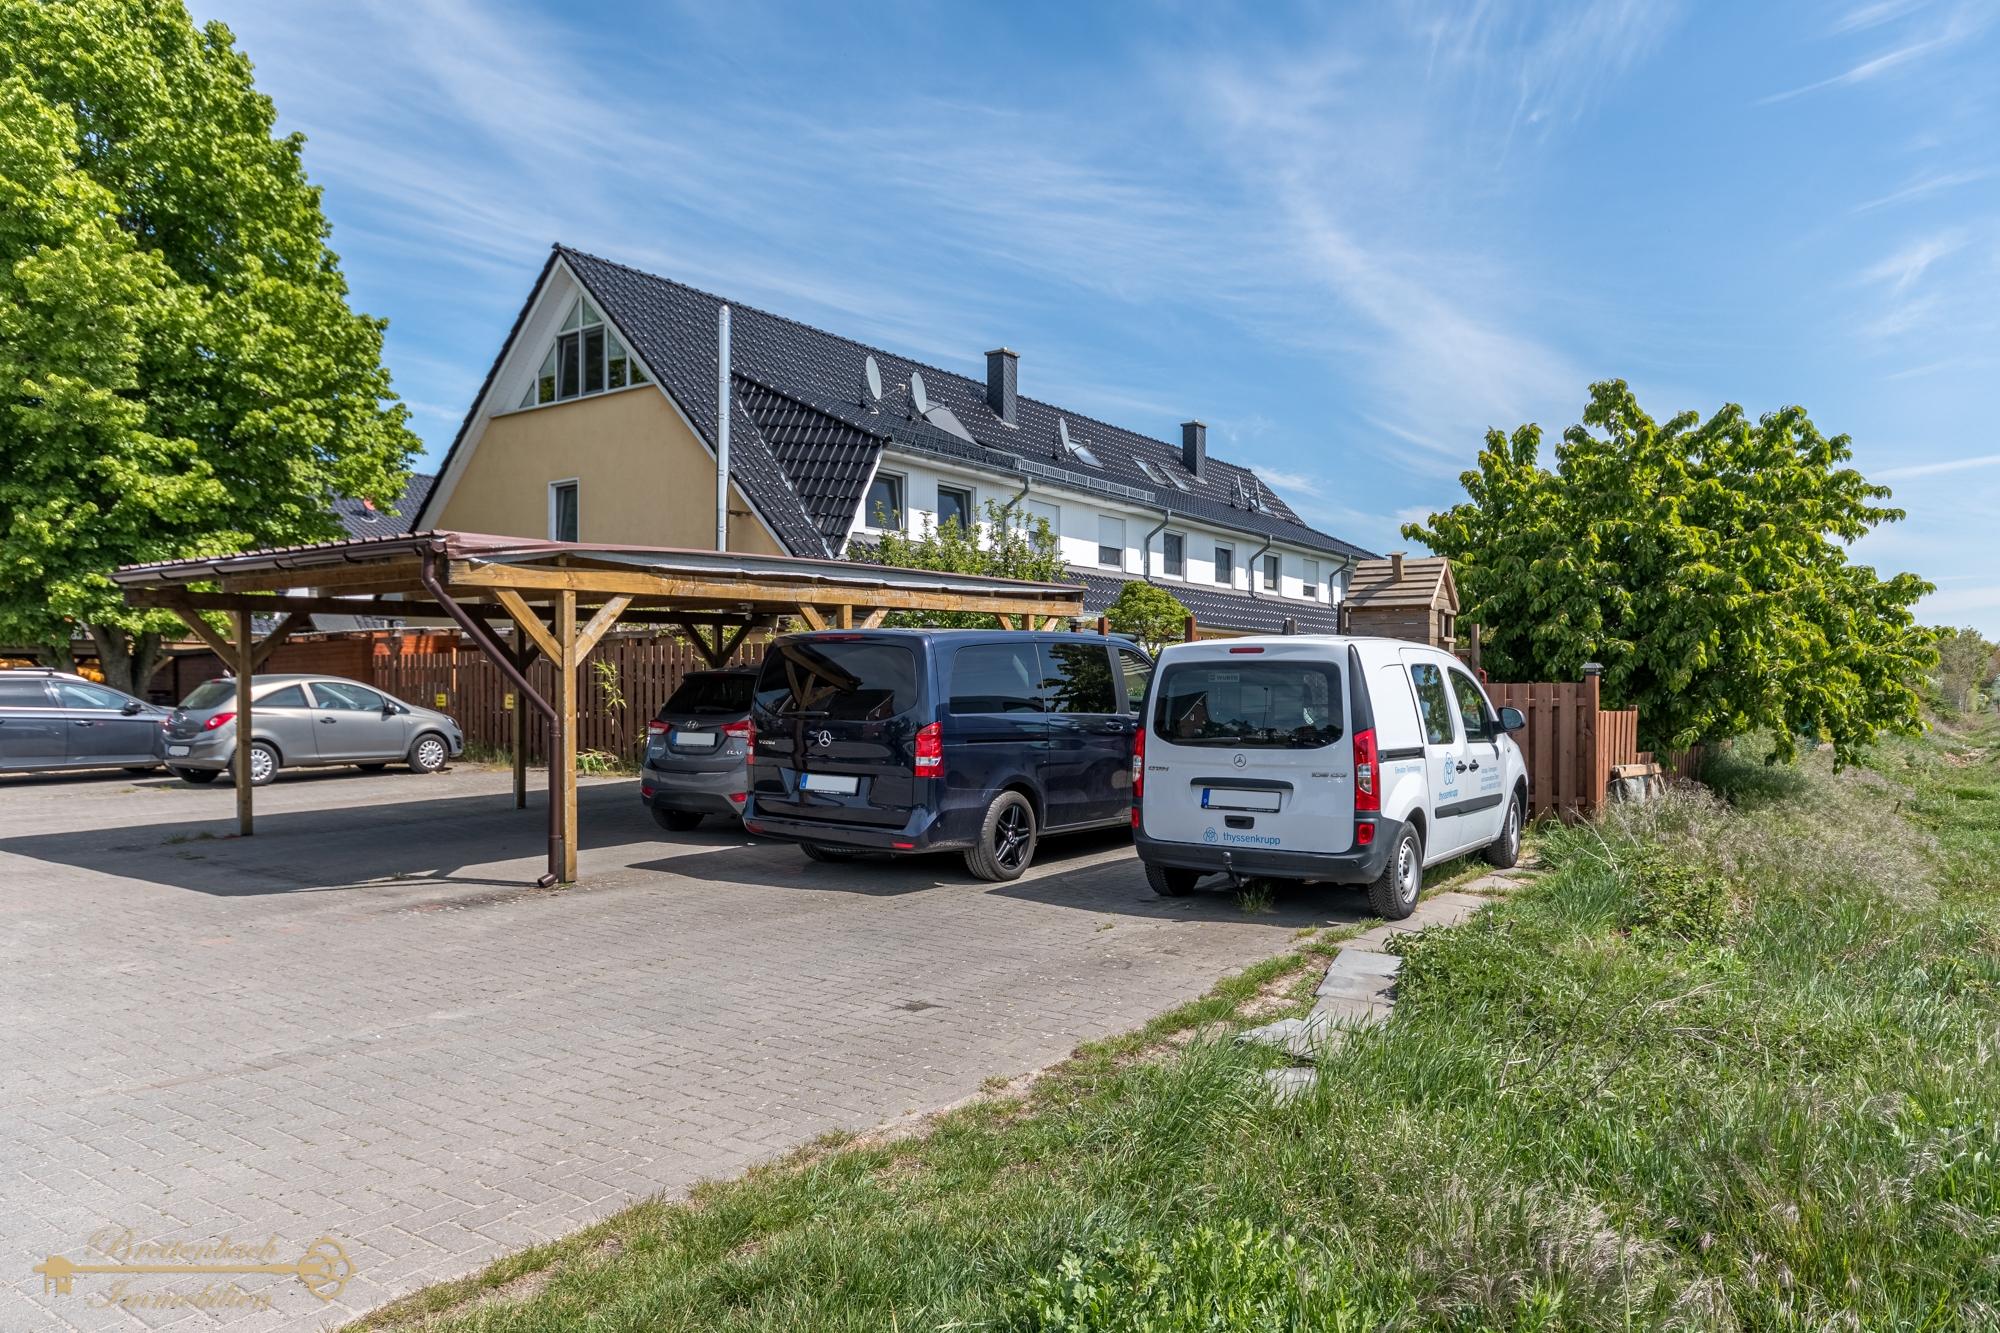 2020-05-08-Breitenbach-Immobilien-26